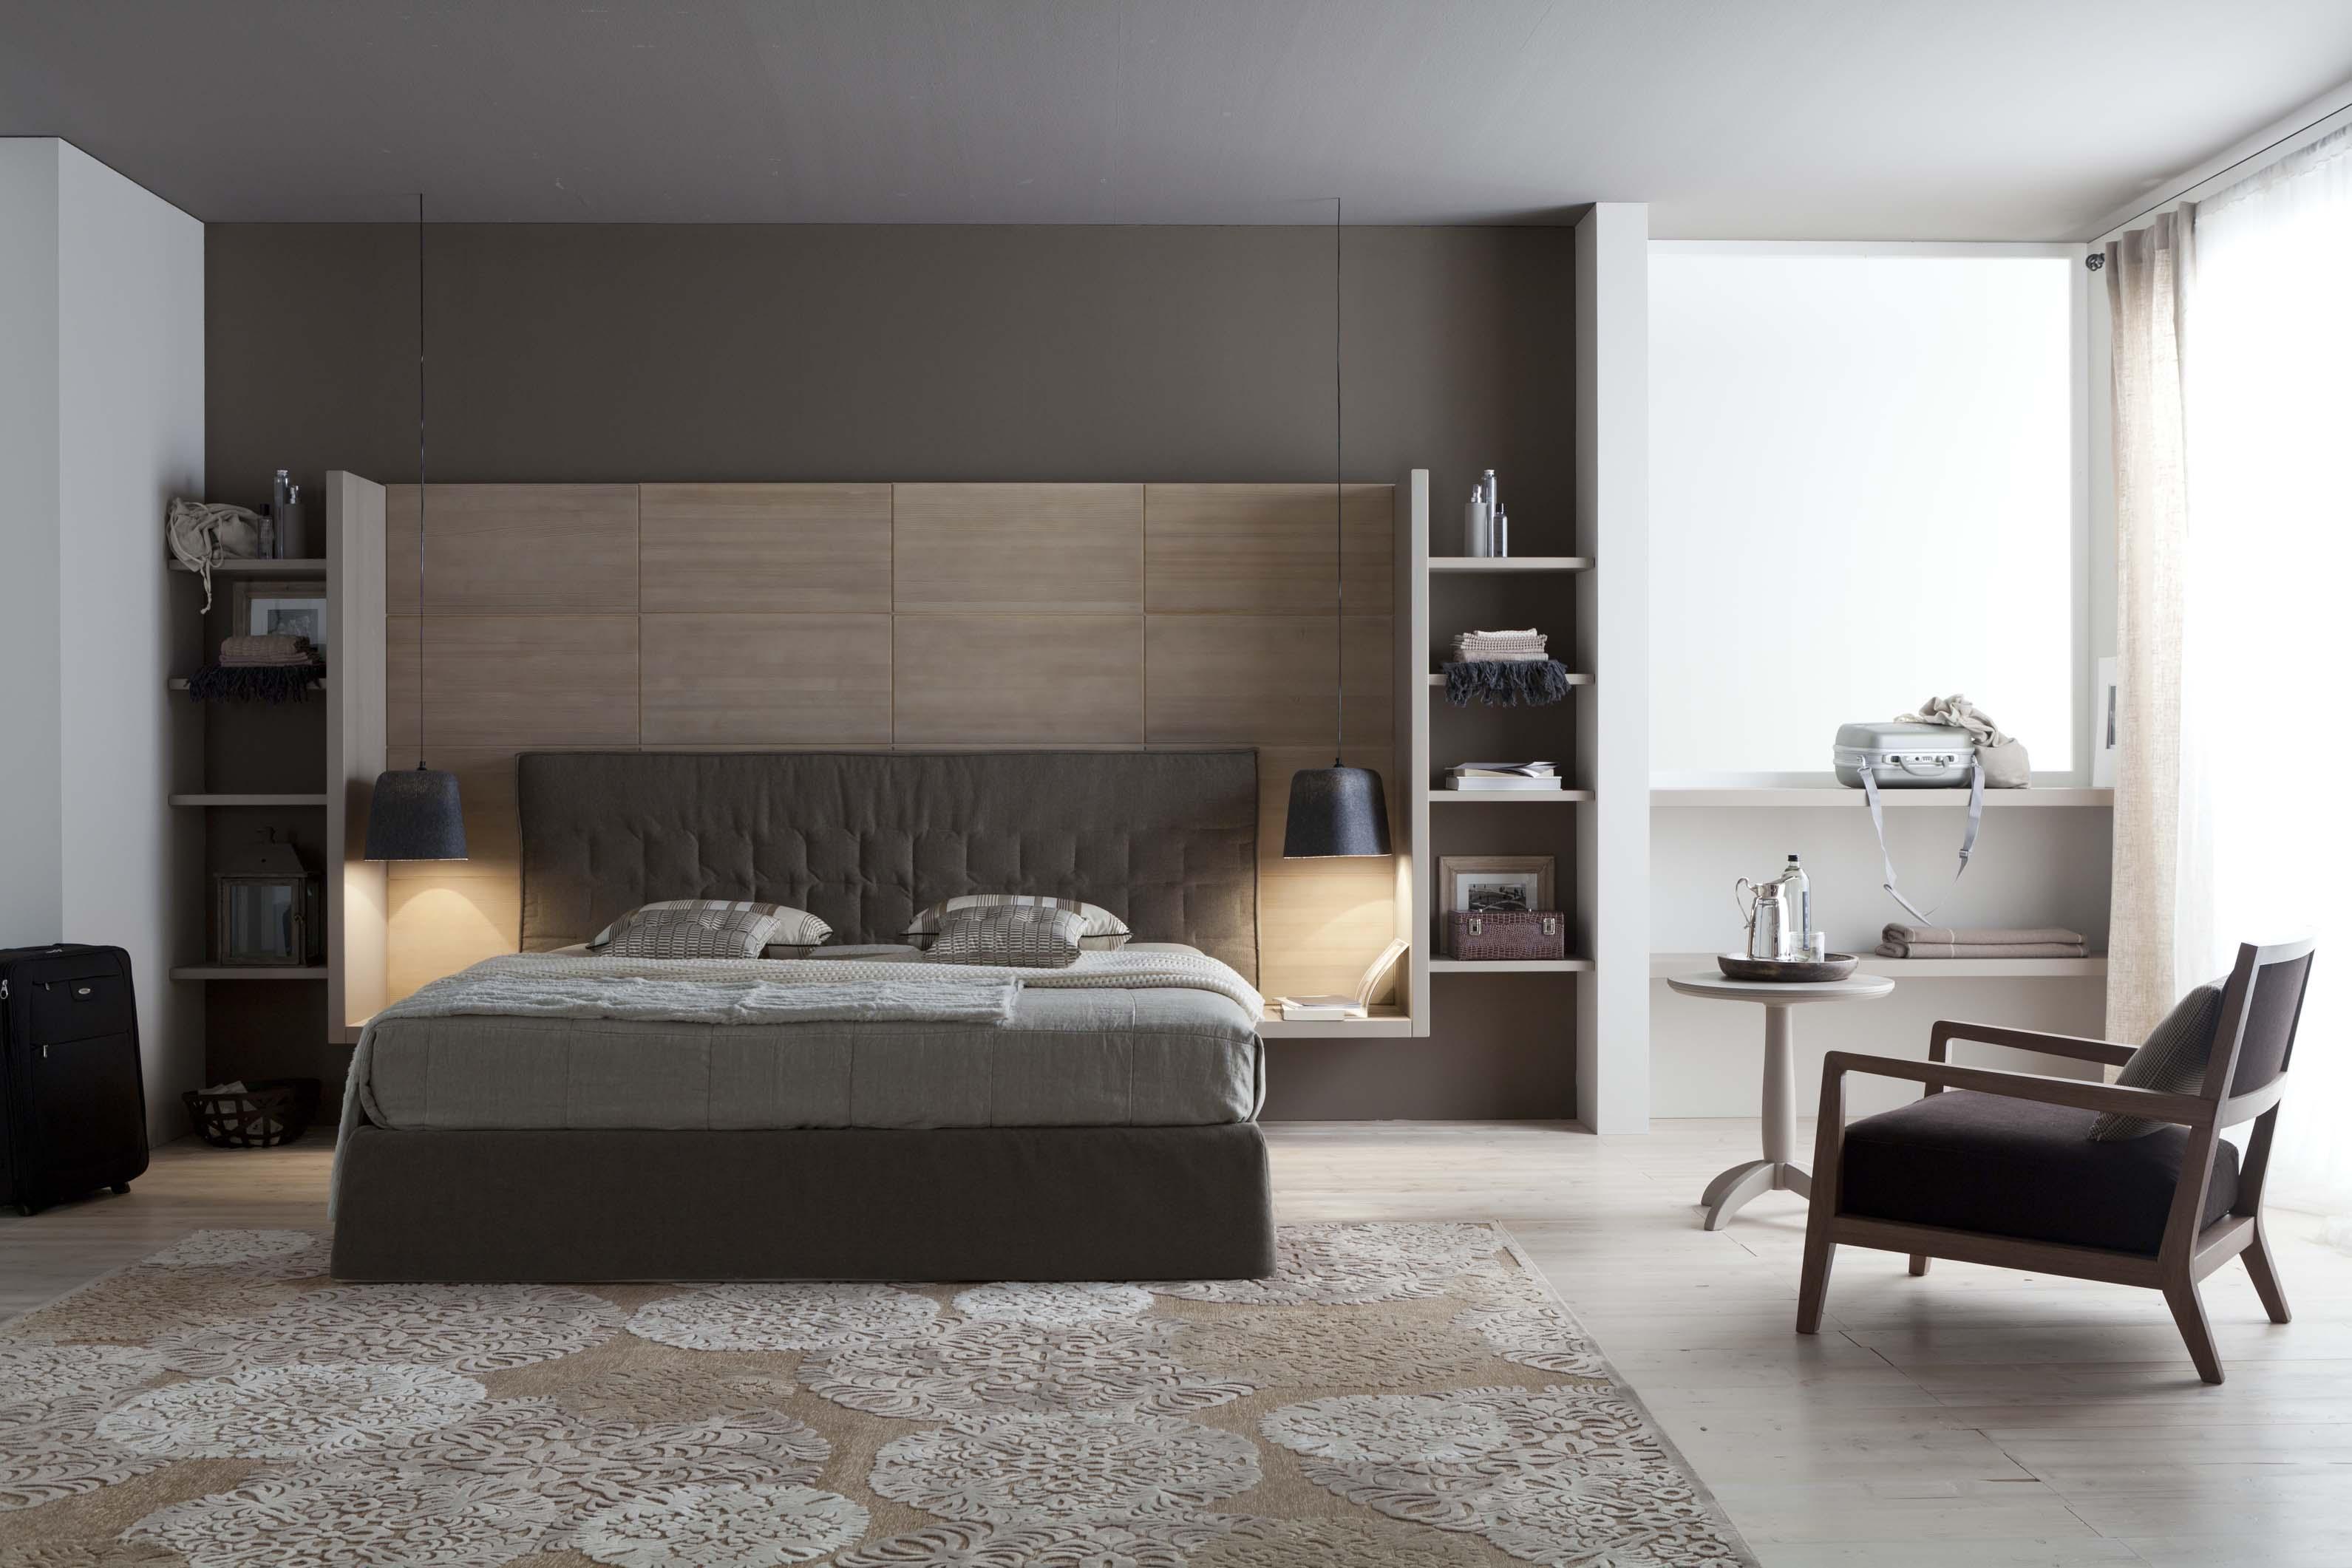 Camere e letti - Syntilor rinnova tutto speciale mobili ...